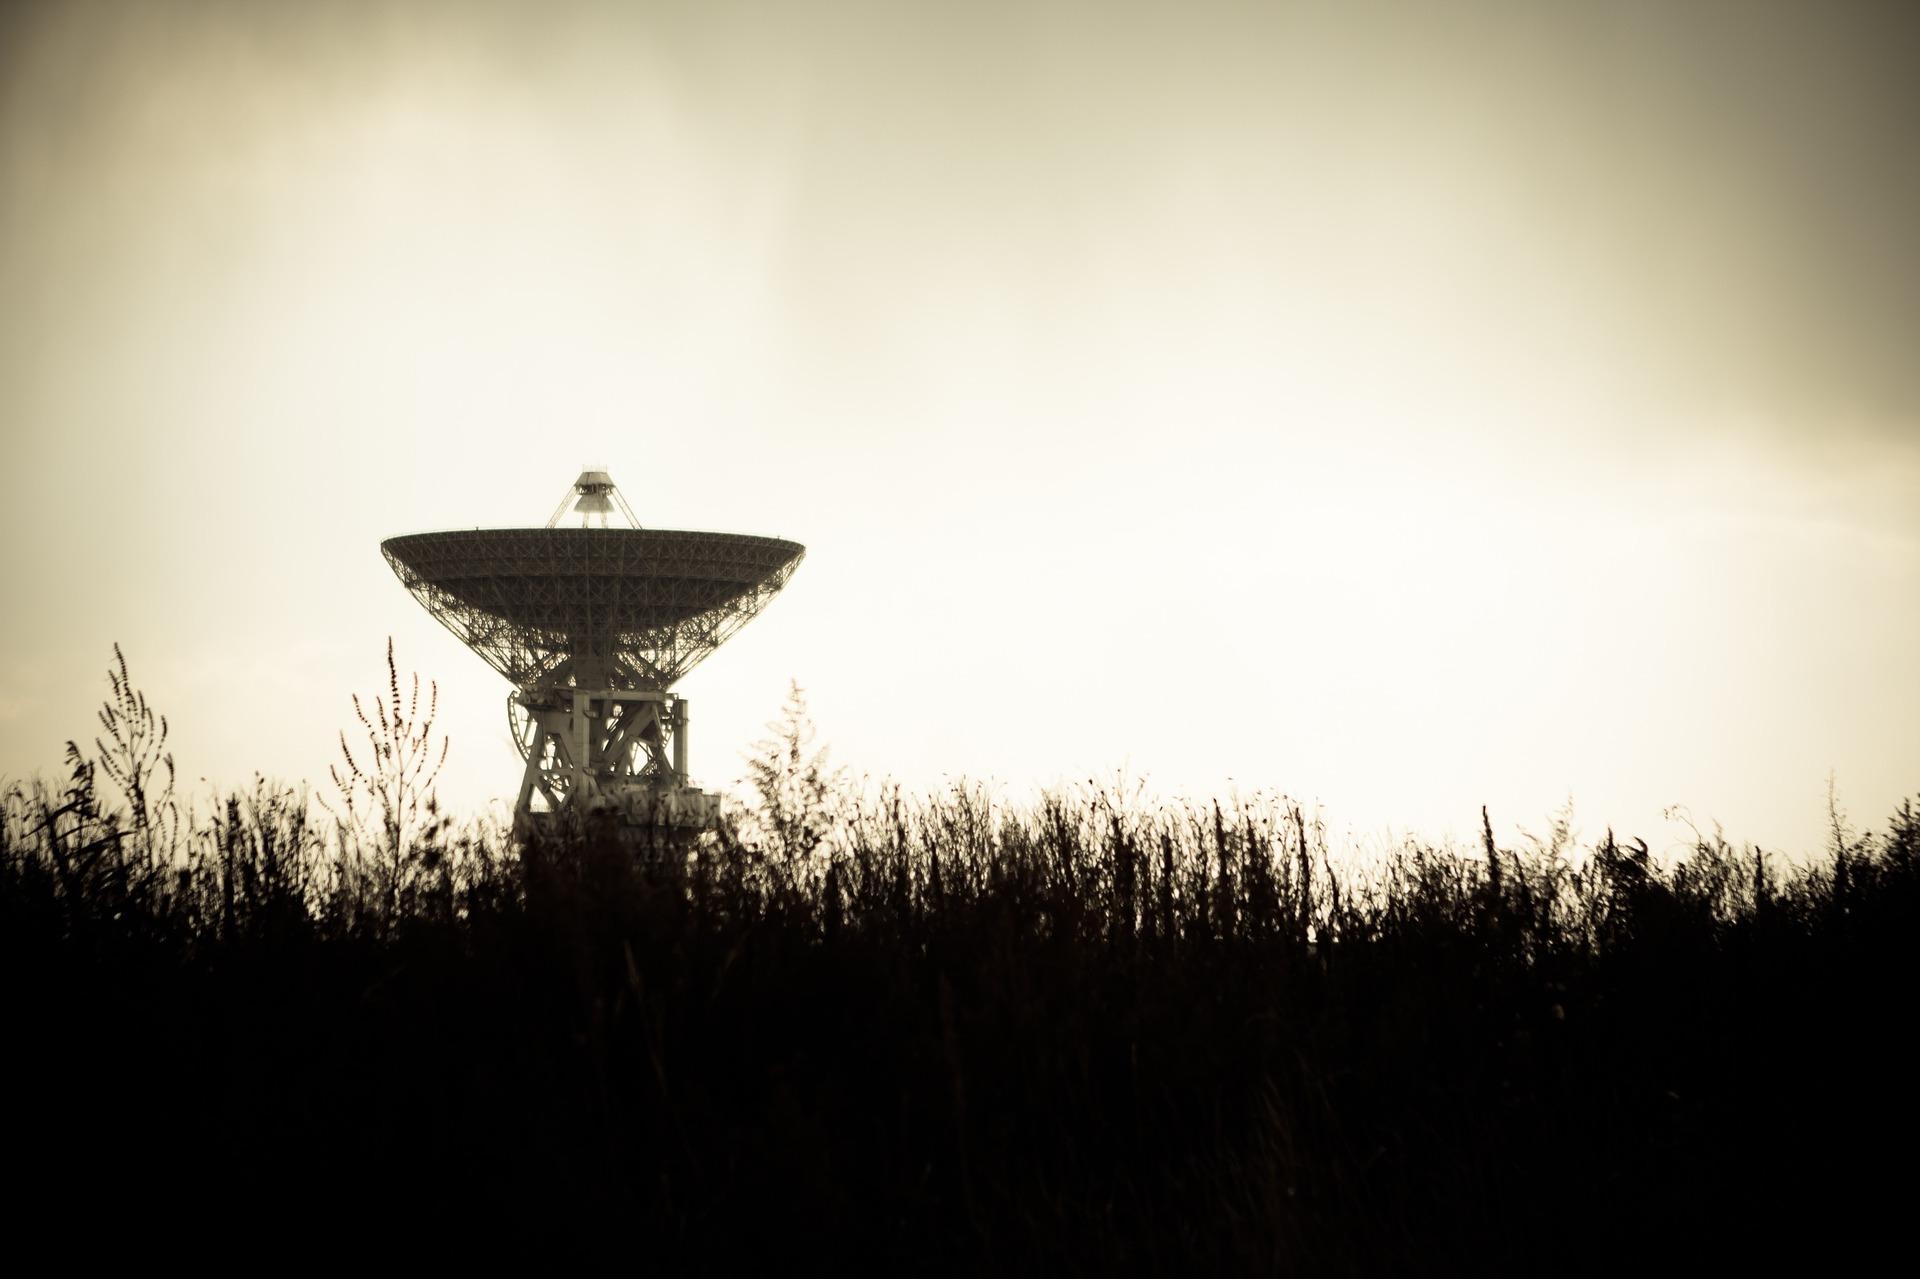 電波望遠鏡, 天文学, アンテナ, 天文台, 研究, 通信, 宇宙物理学, パラボラ アンテナ - HD の壁紙 - 教授-falken.com